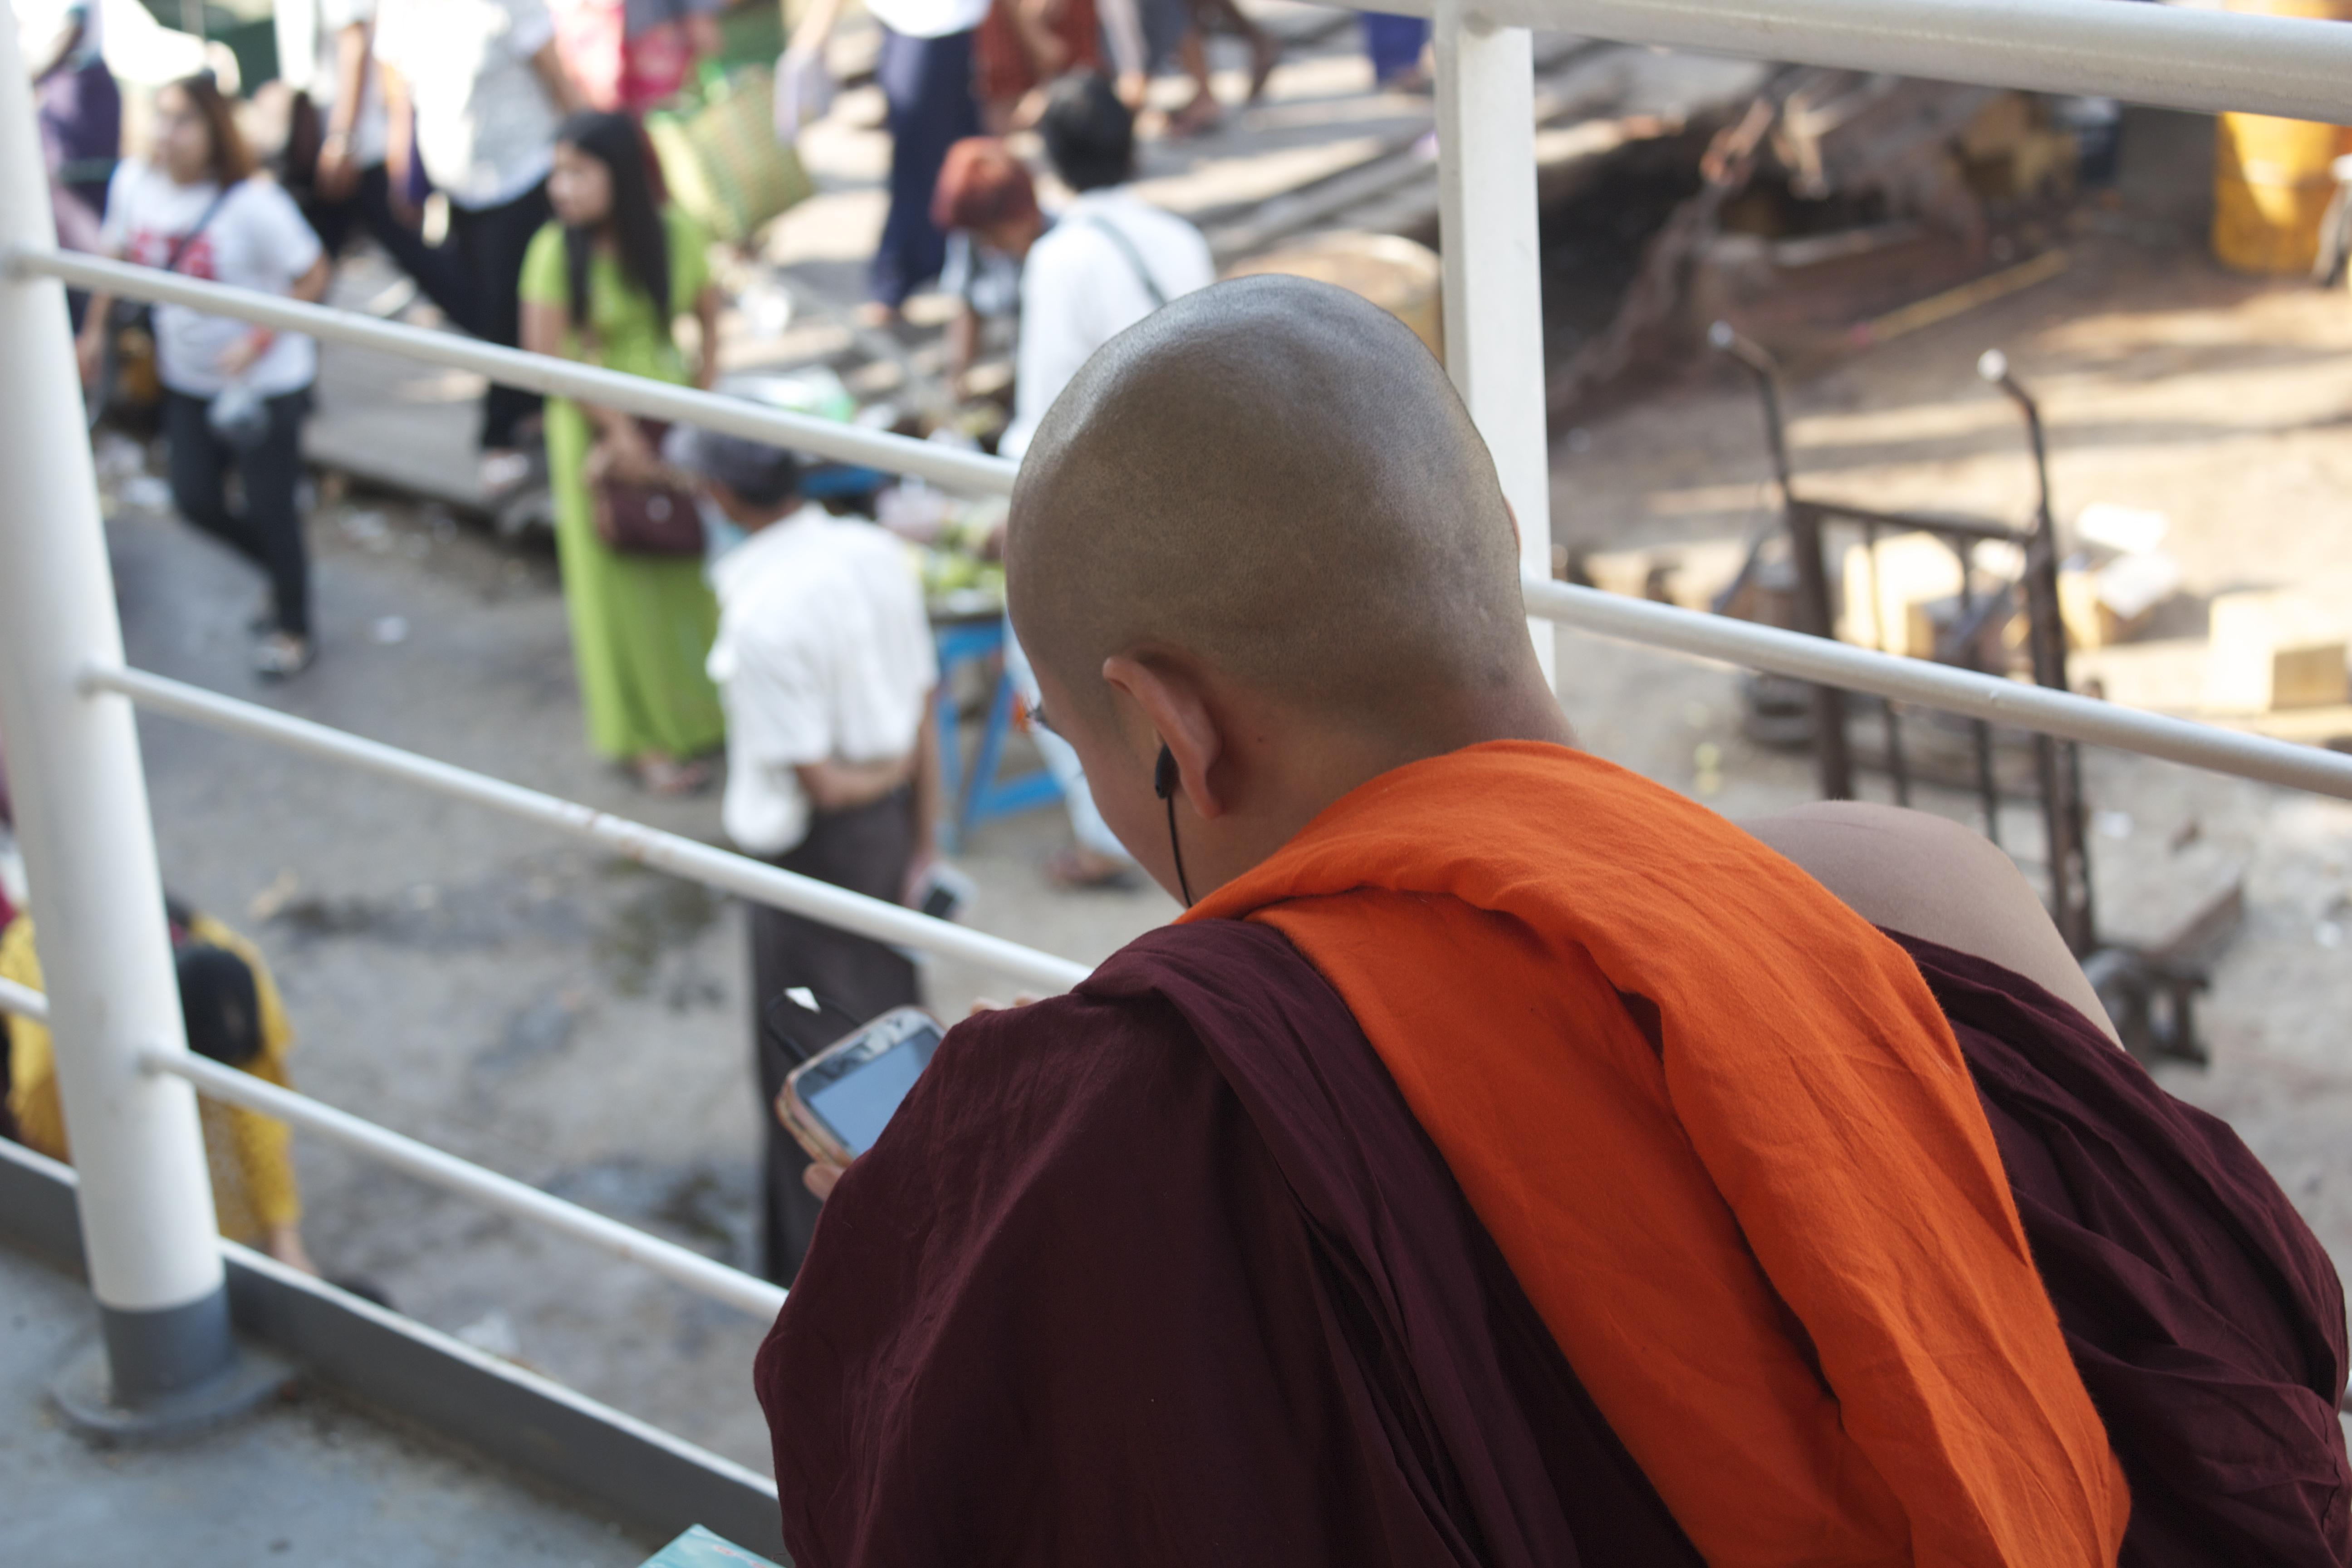 21st century monk  on the ferry